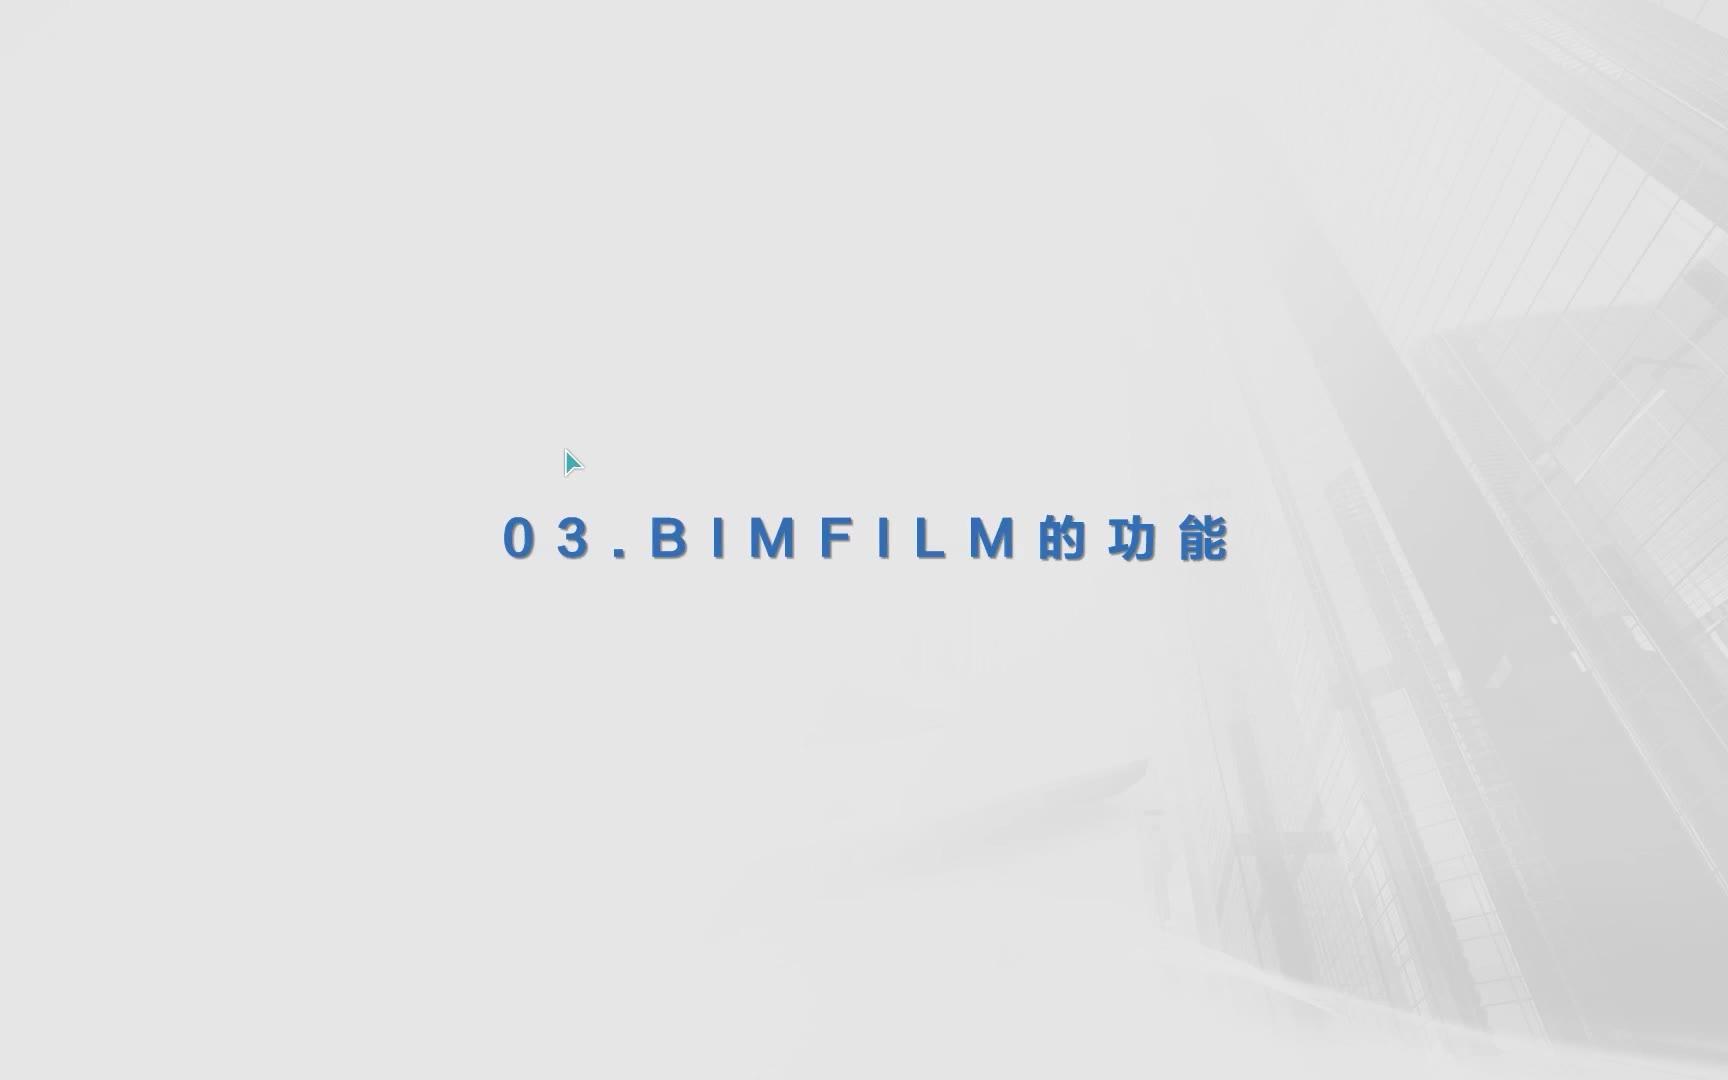 BIMFILM的功能